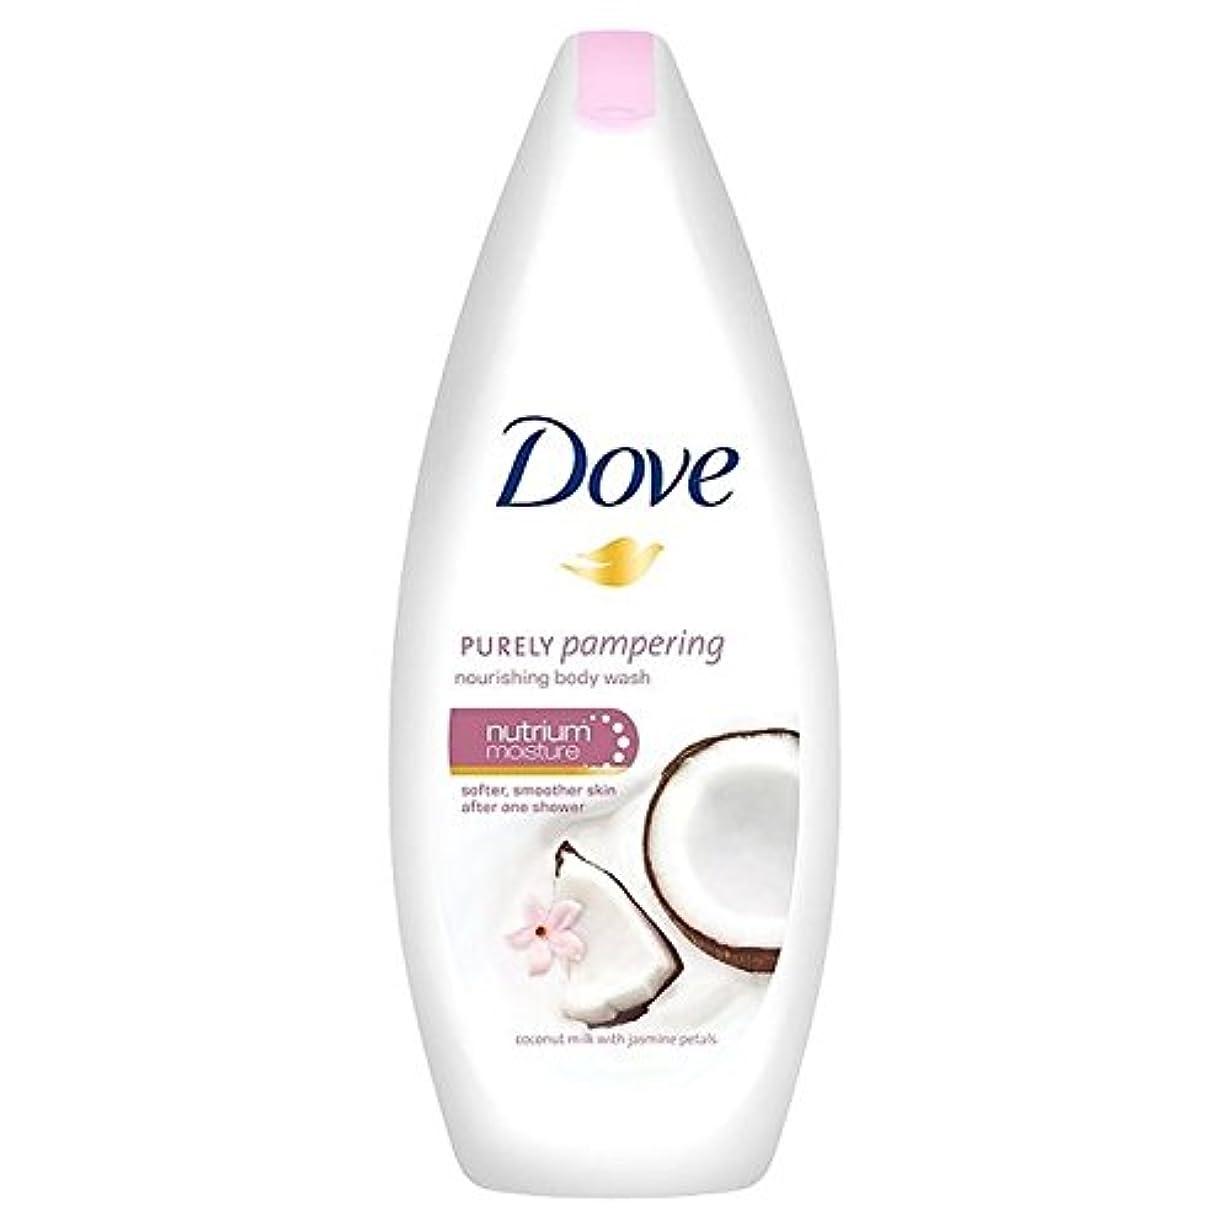 クレデンシャル構成するささいな鳩純粋に甘やかすココナッツボディウォッシュ250ミリリットル x2 - Dove Purely Pampering Coconut Body Wash 250ml (Pack of 2) [並行輸入品]